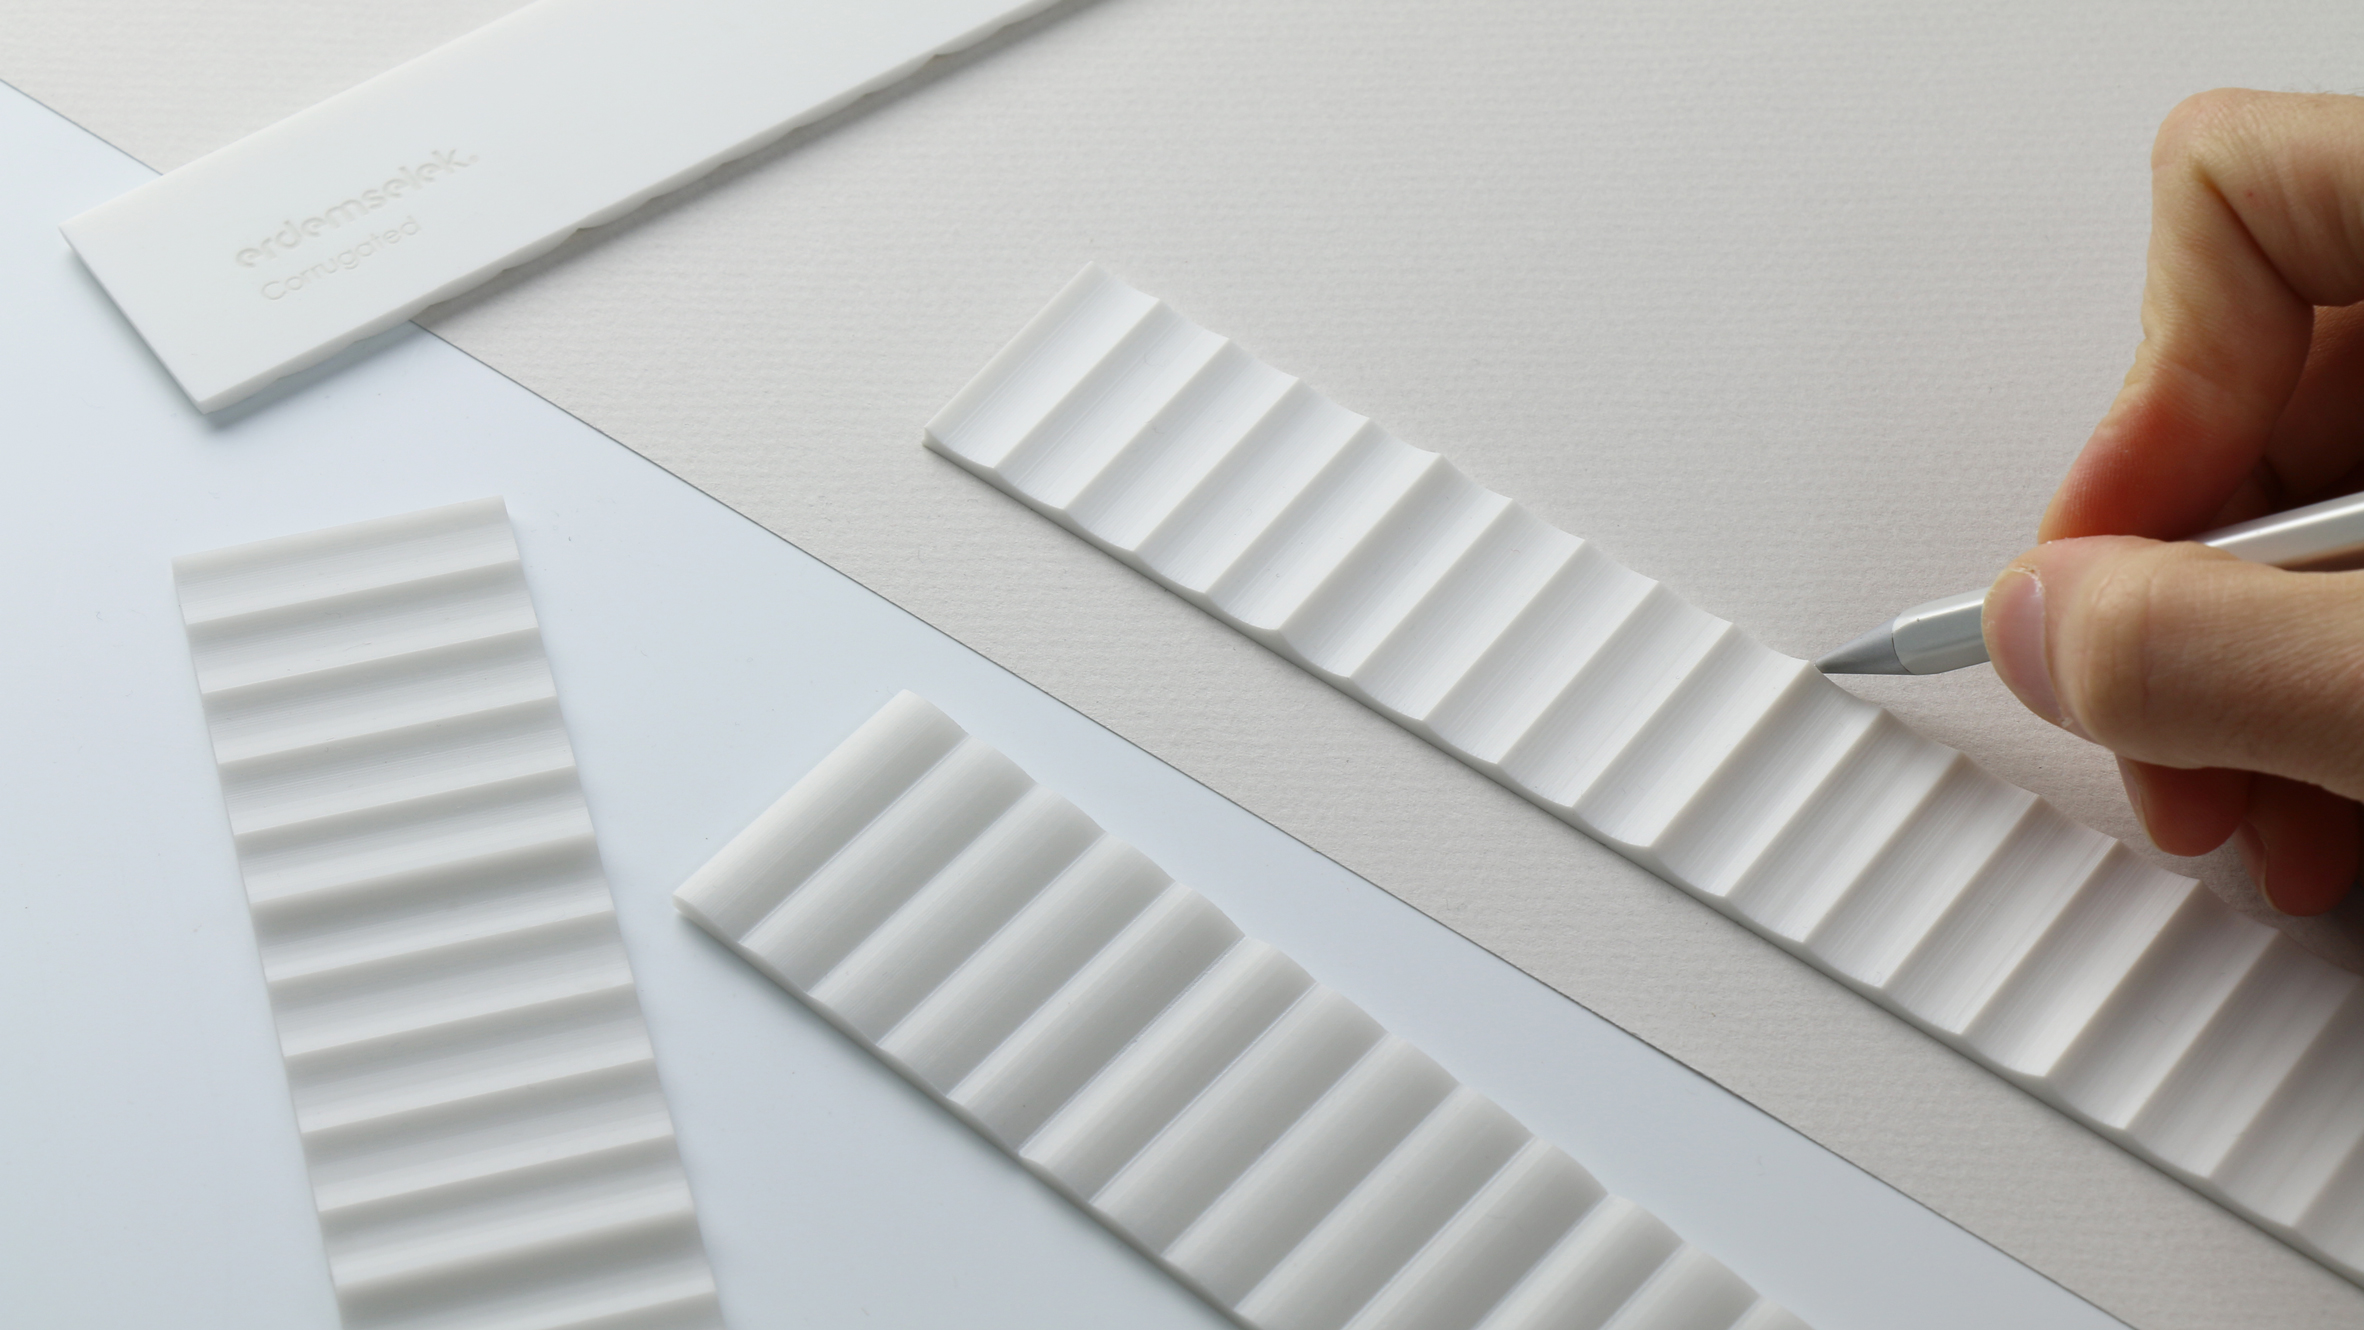 Corrugated Ruler by Erdem Selek